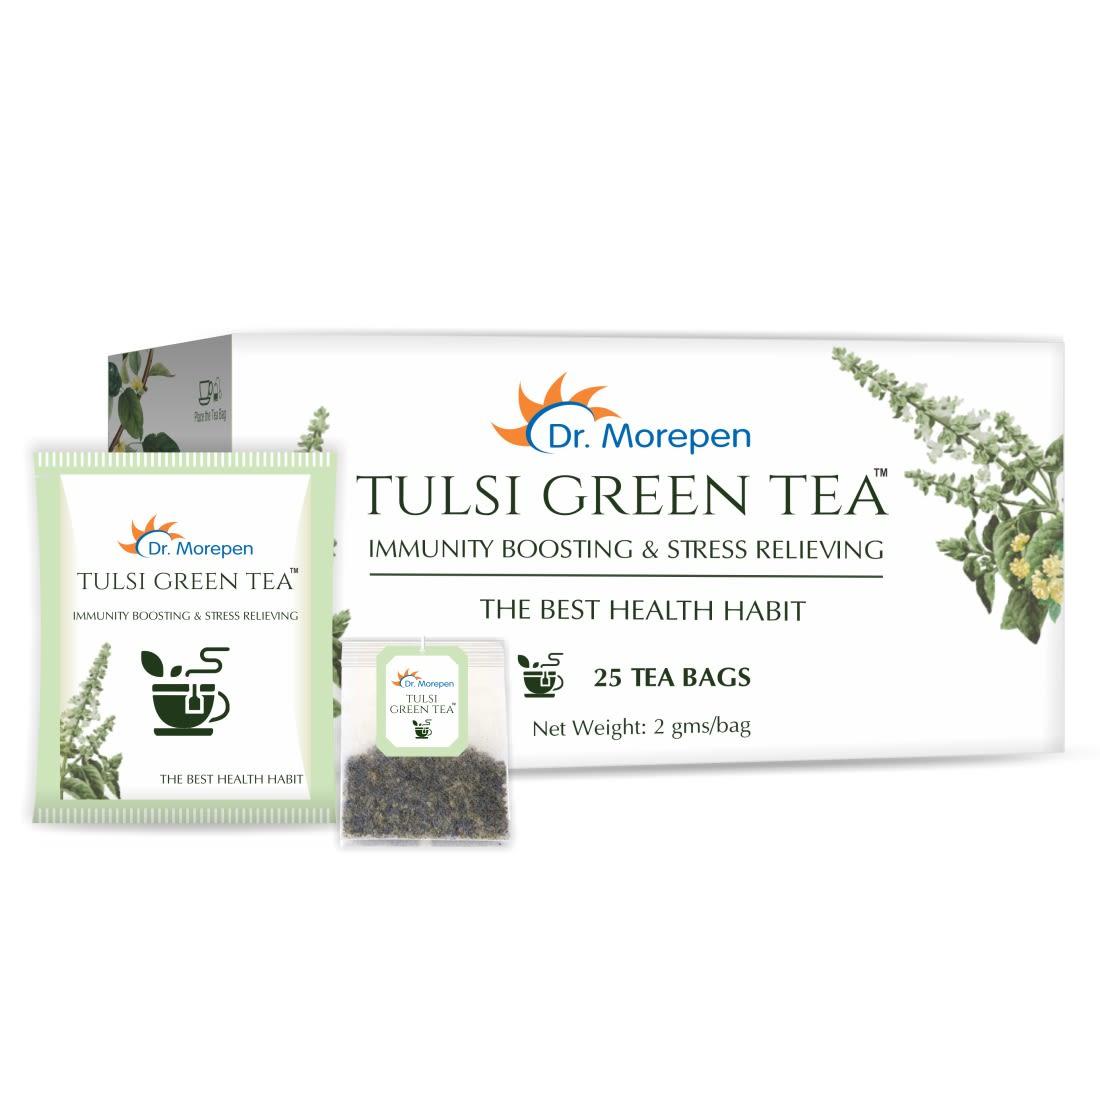 Dr. Morepen Tulsi Green Tea - 25 Tea Bags